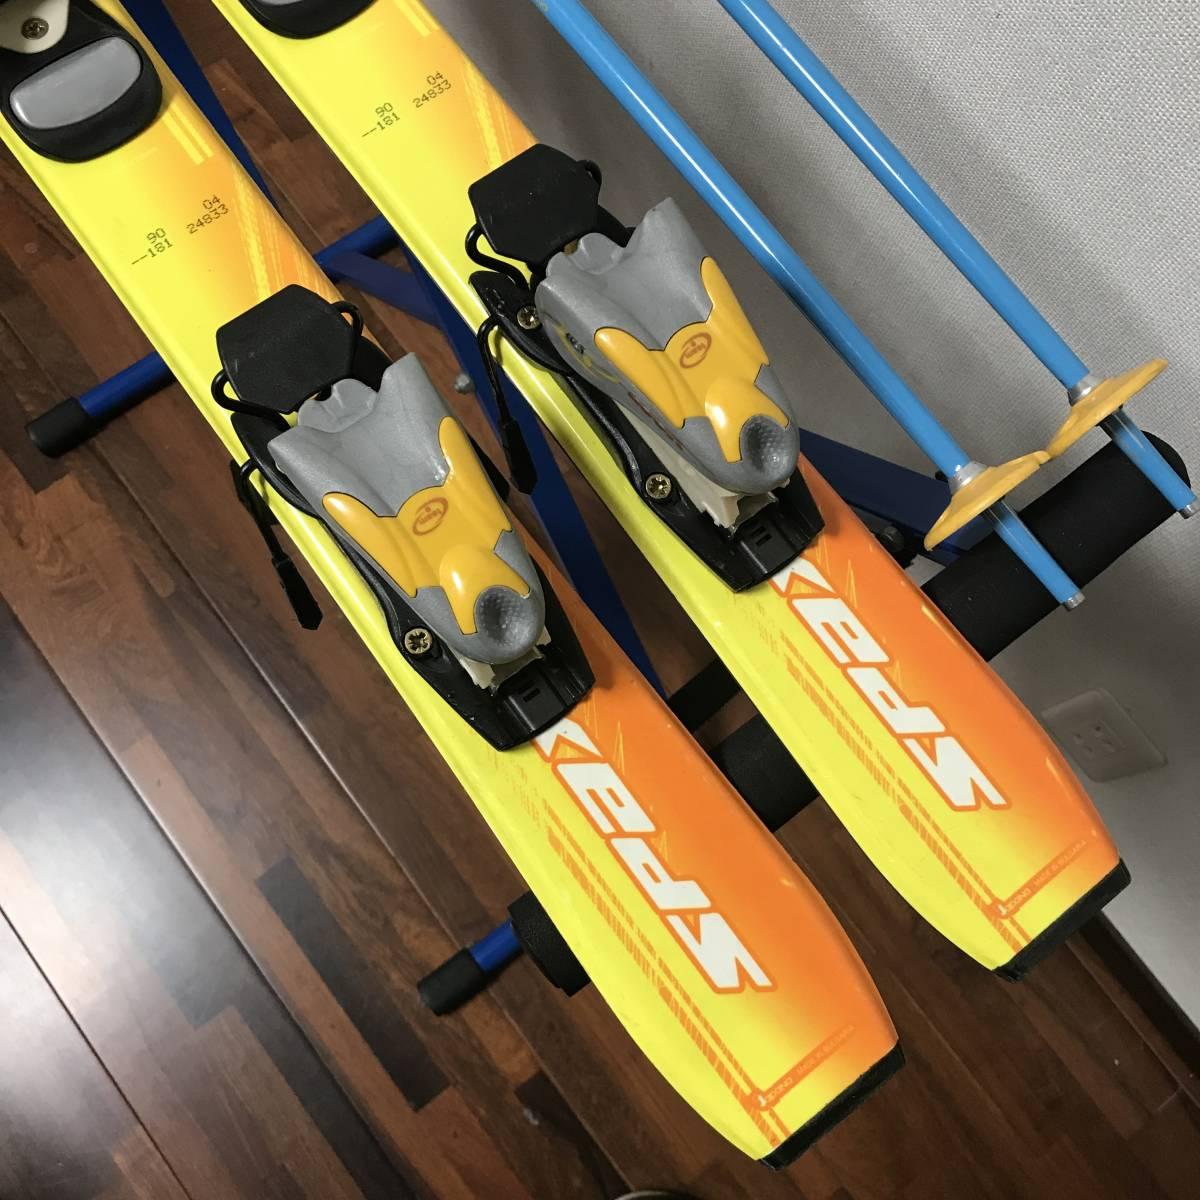 ジュニアスキーセット◆ケース付 KAZAMA 90cm ブーツ 17-18cm ポール 70cm キッズ 子供 ジュニア _画像4